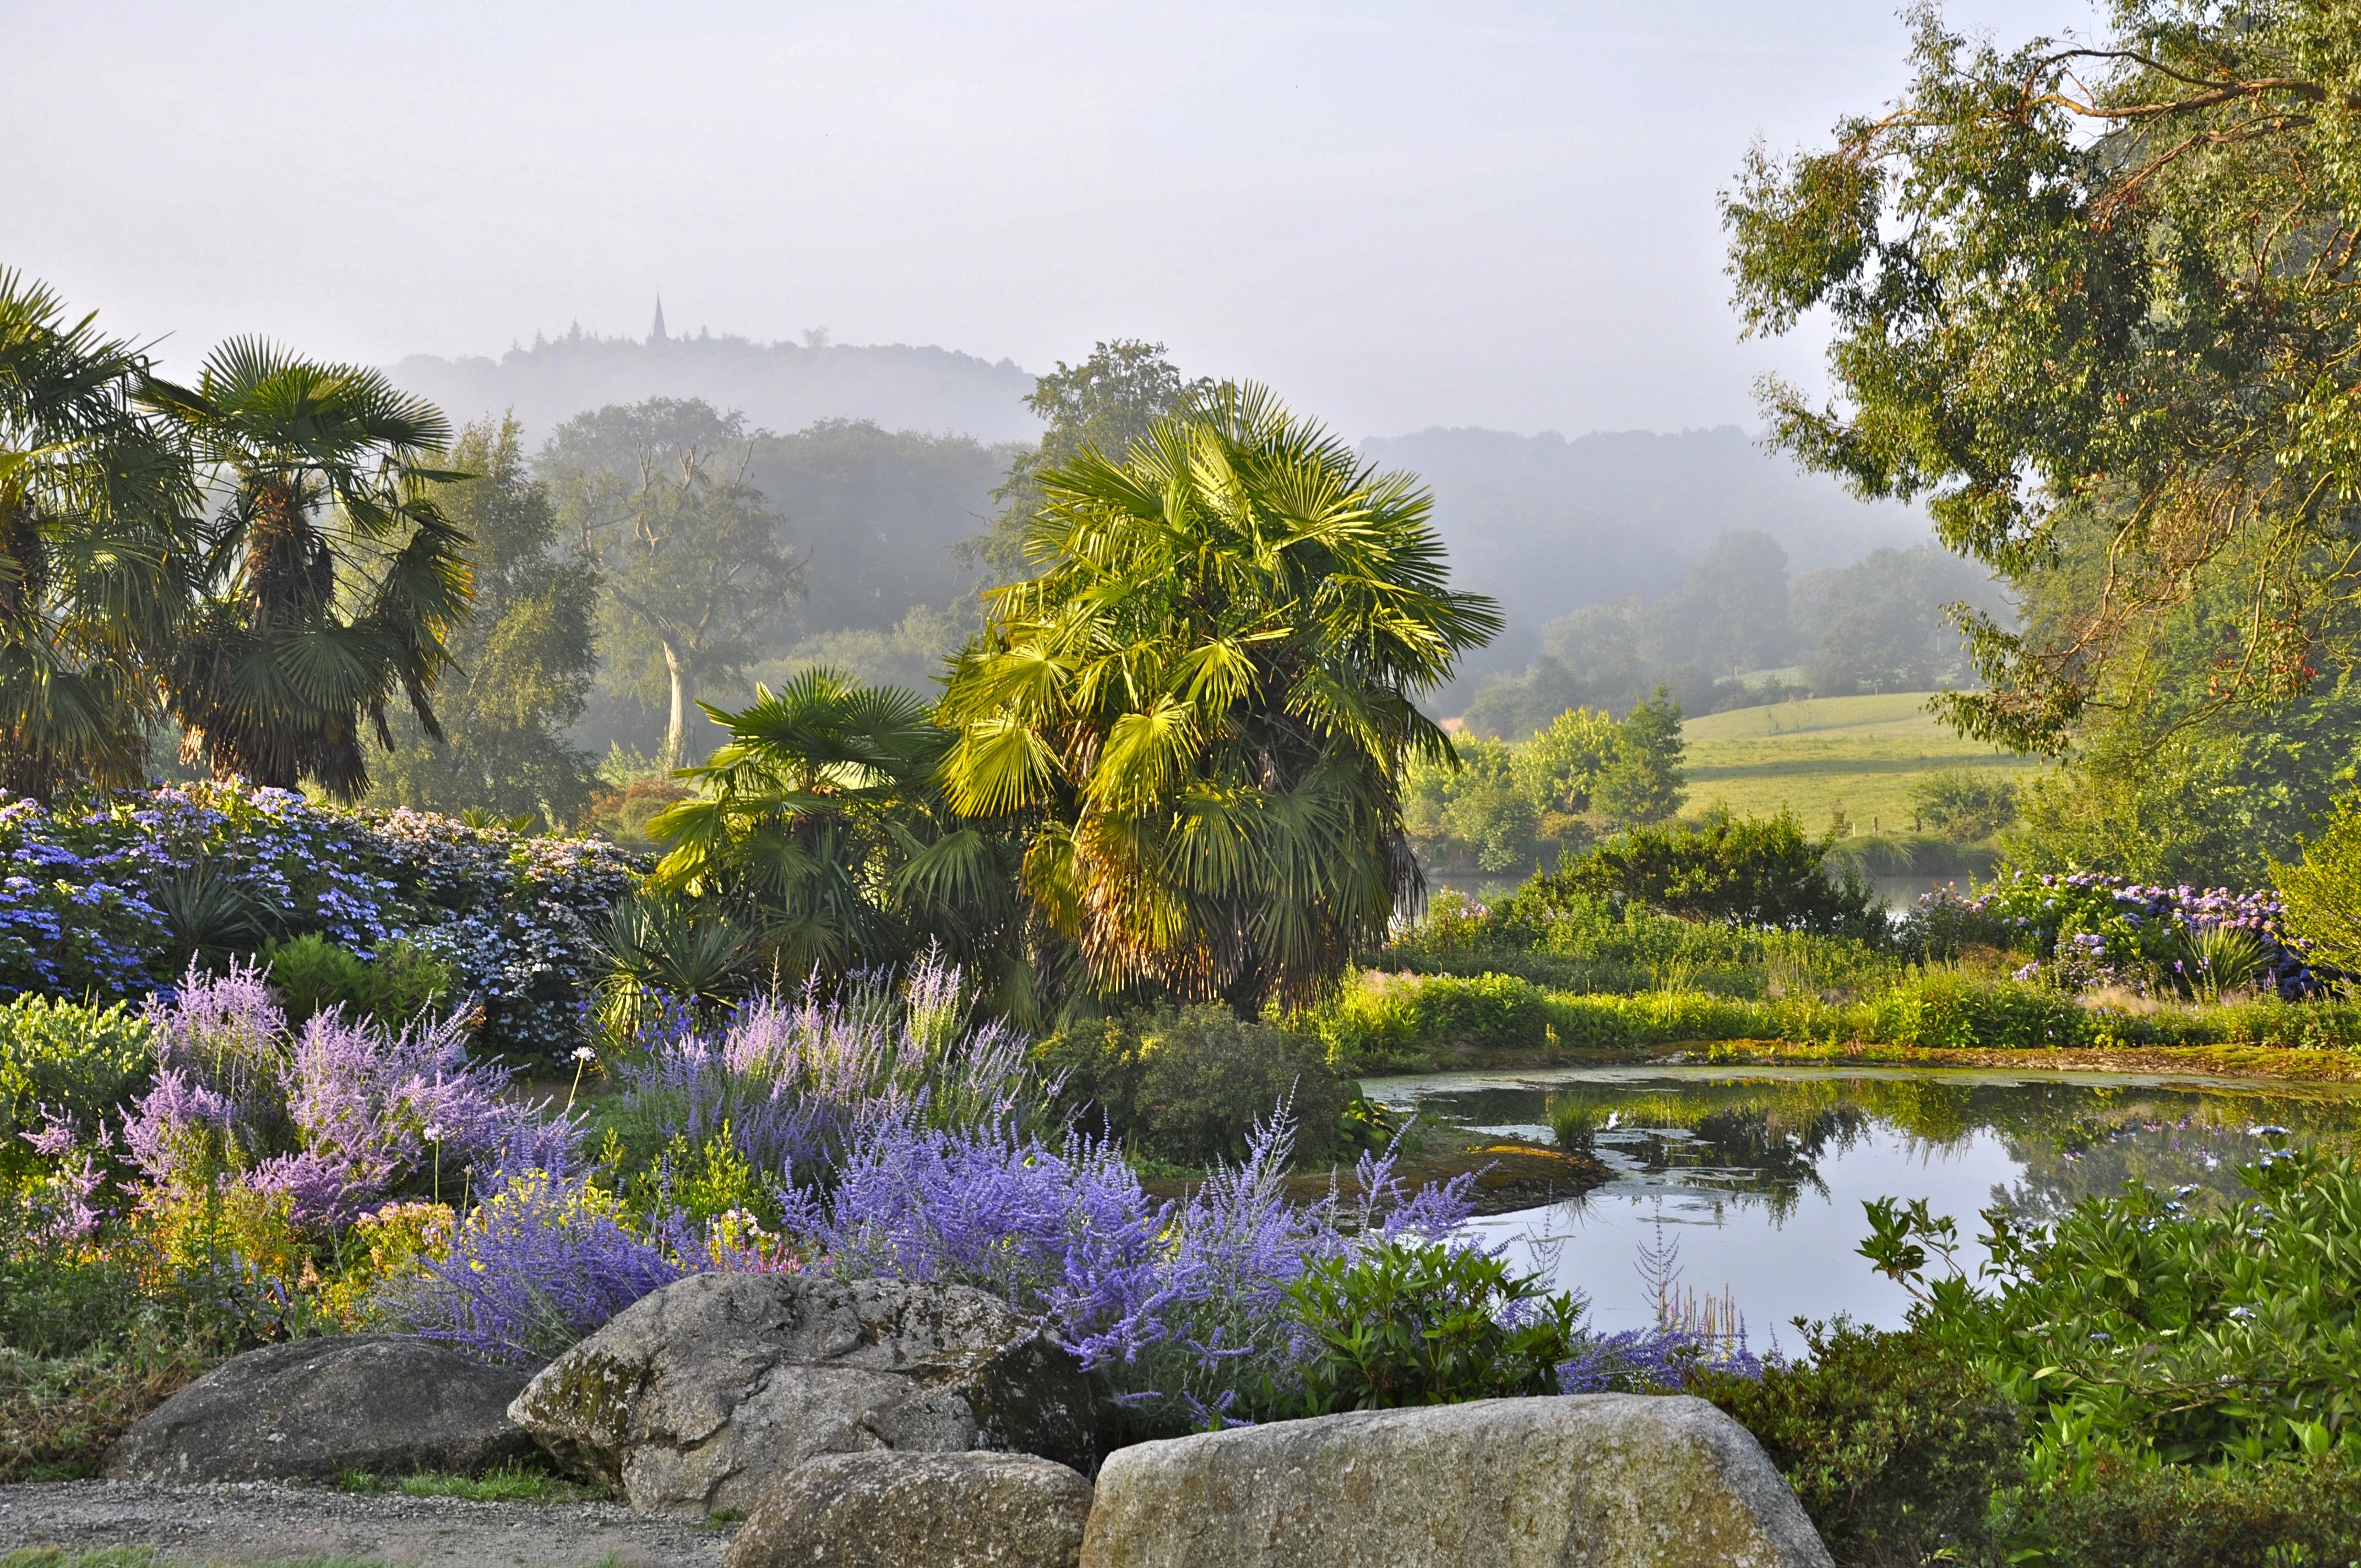 Parc botanique de haute bretagne - Parc botanique de haute bretagne ...